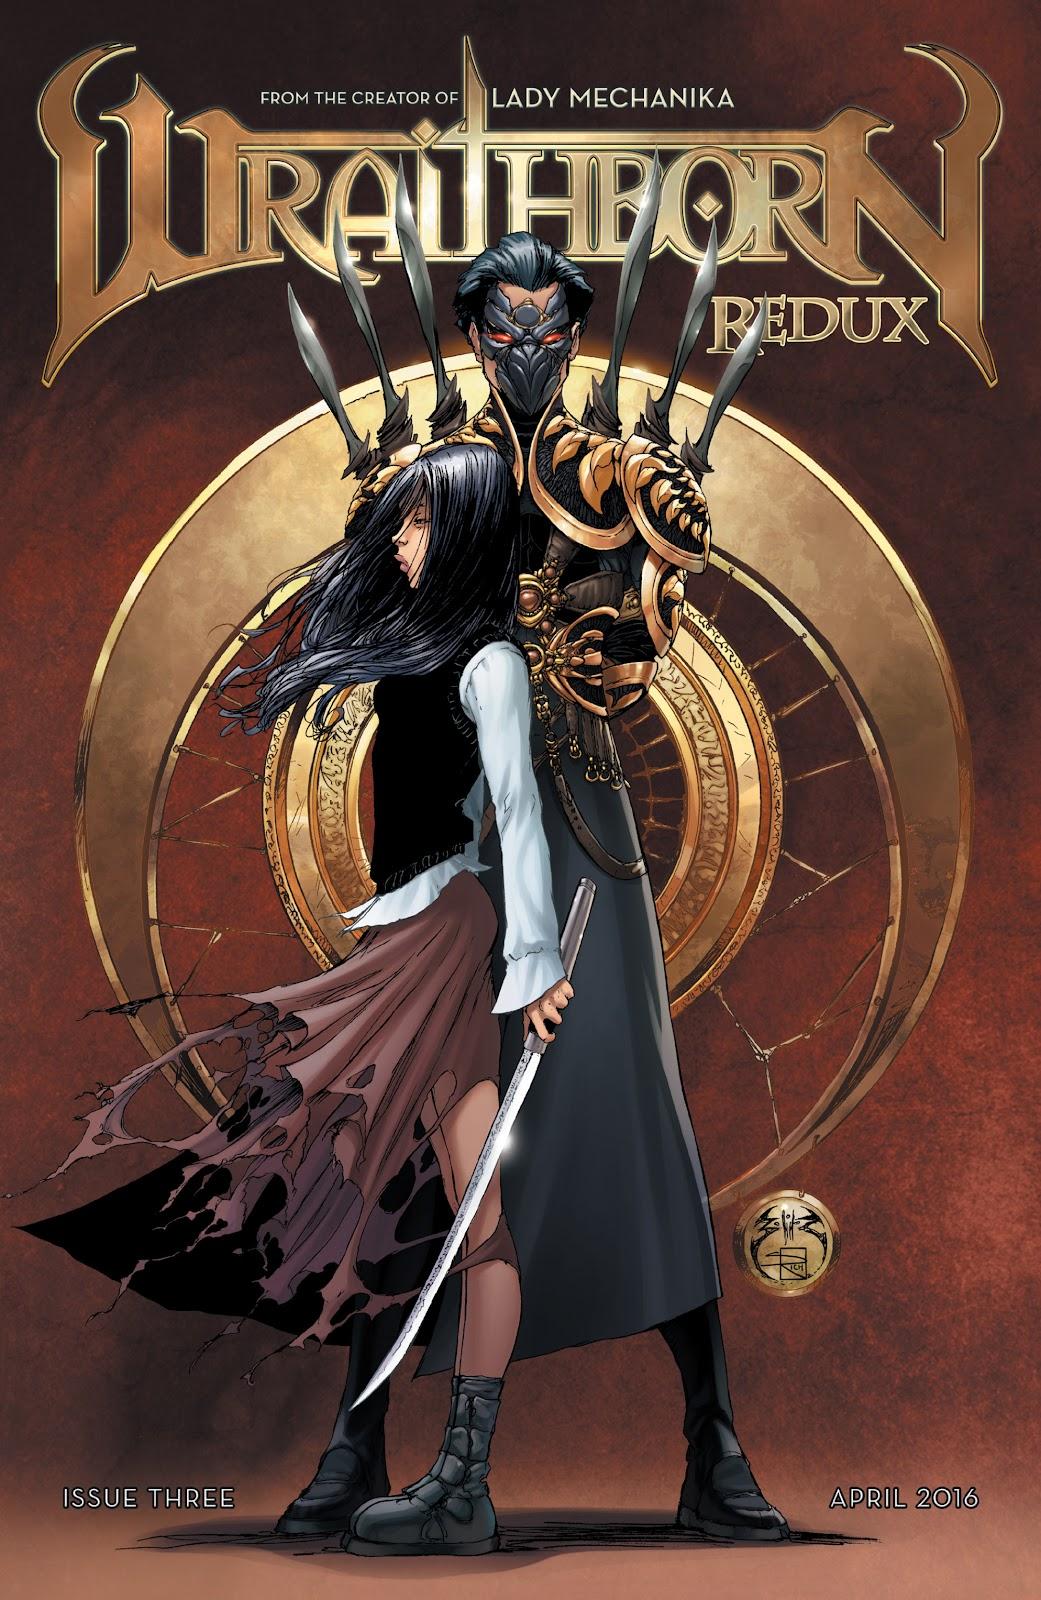 Wraithborn Redux 3 Page 1